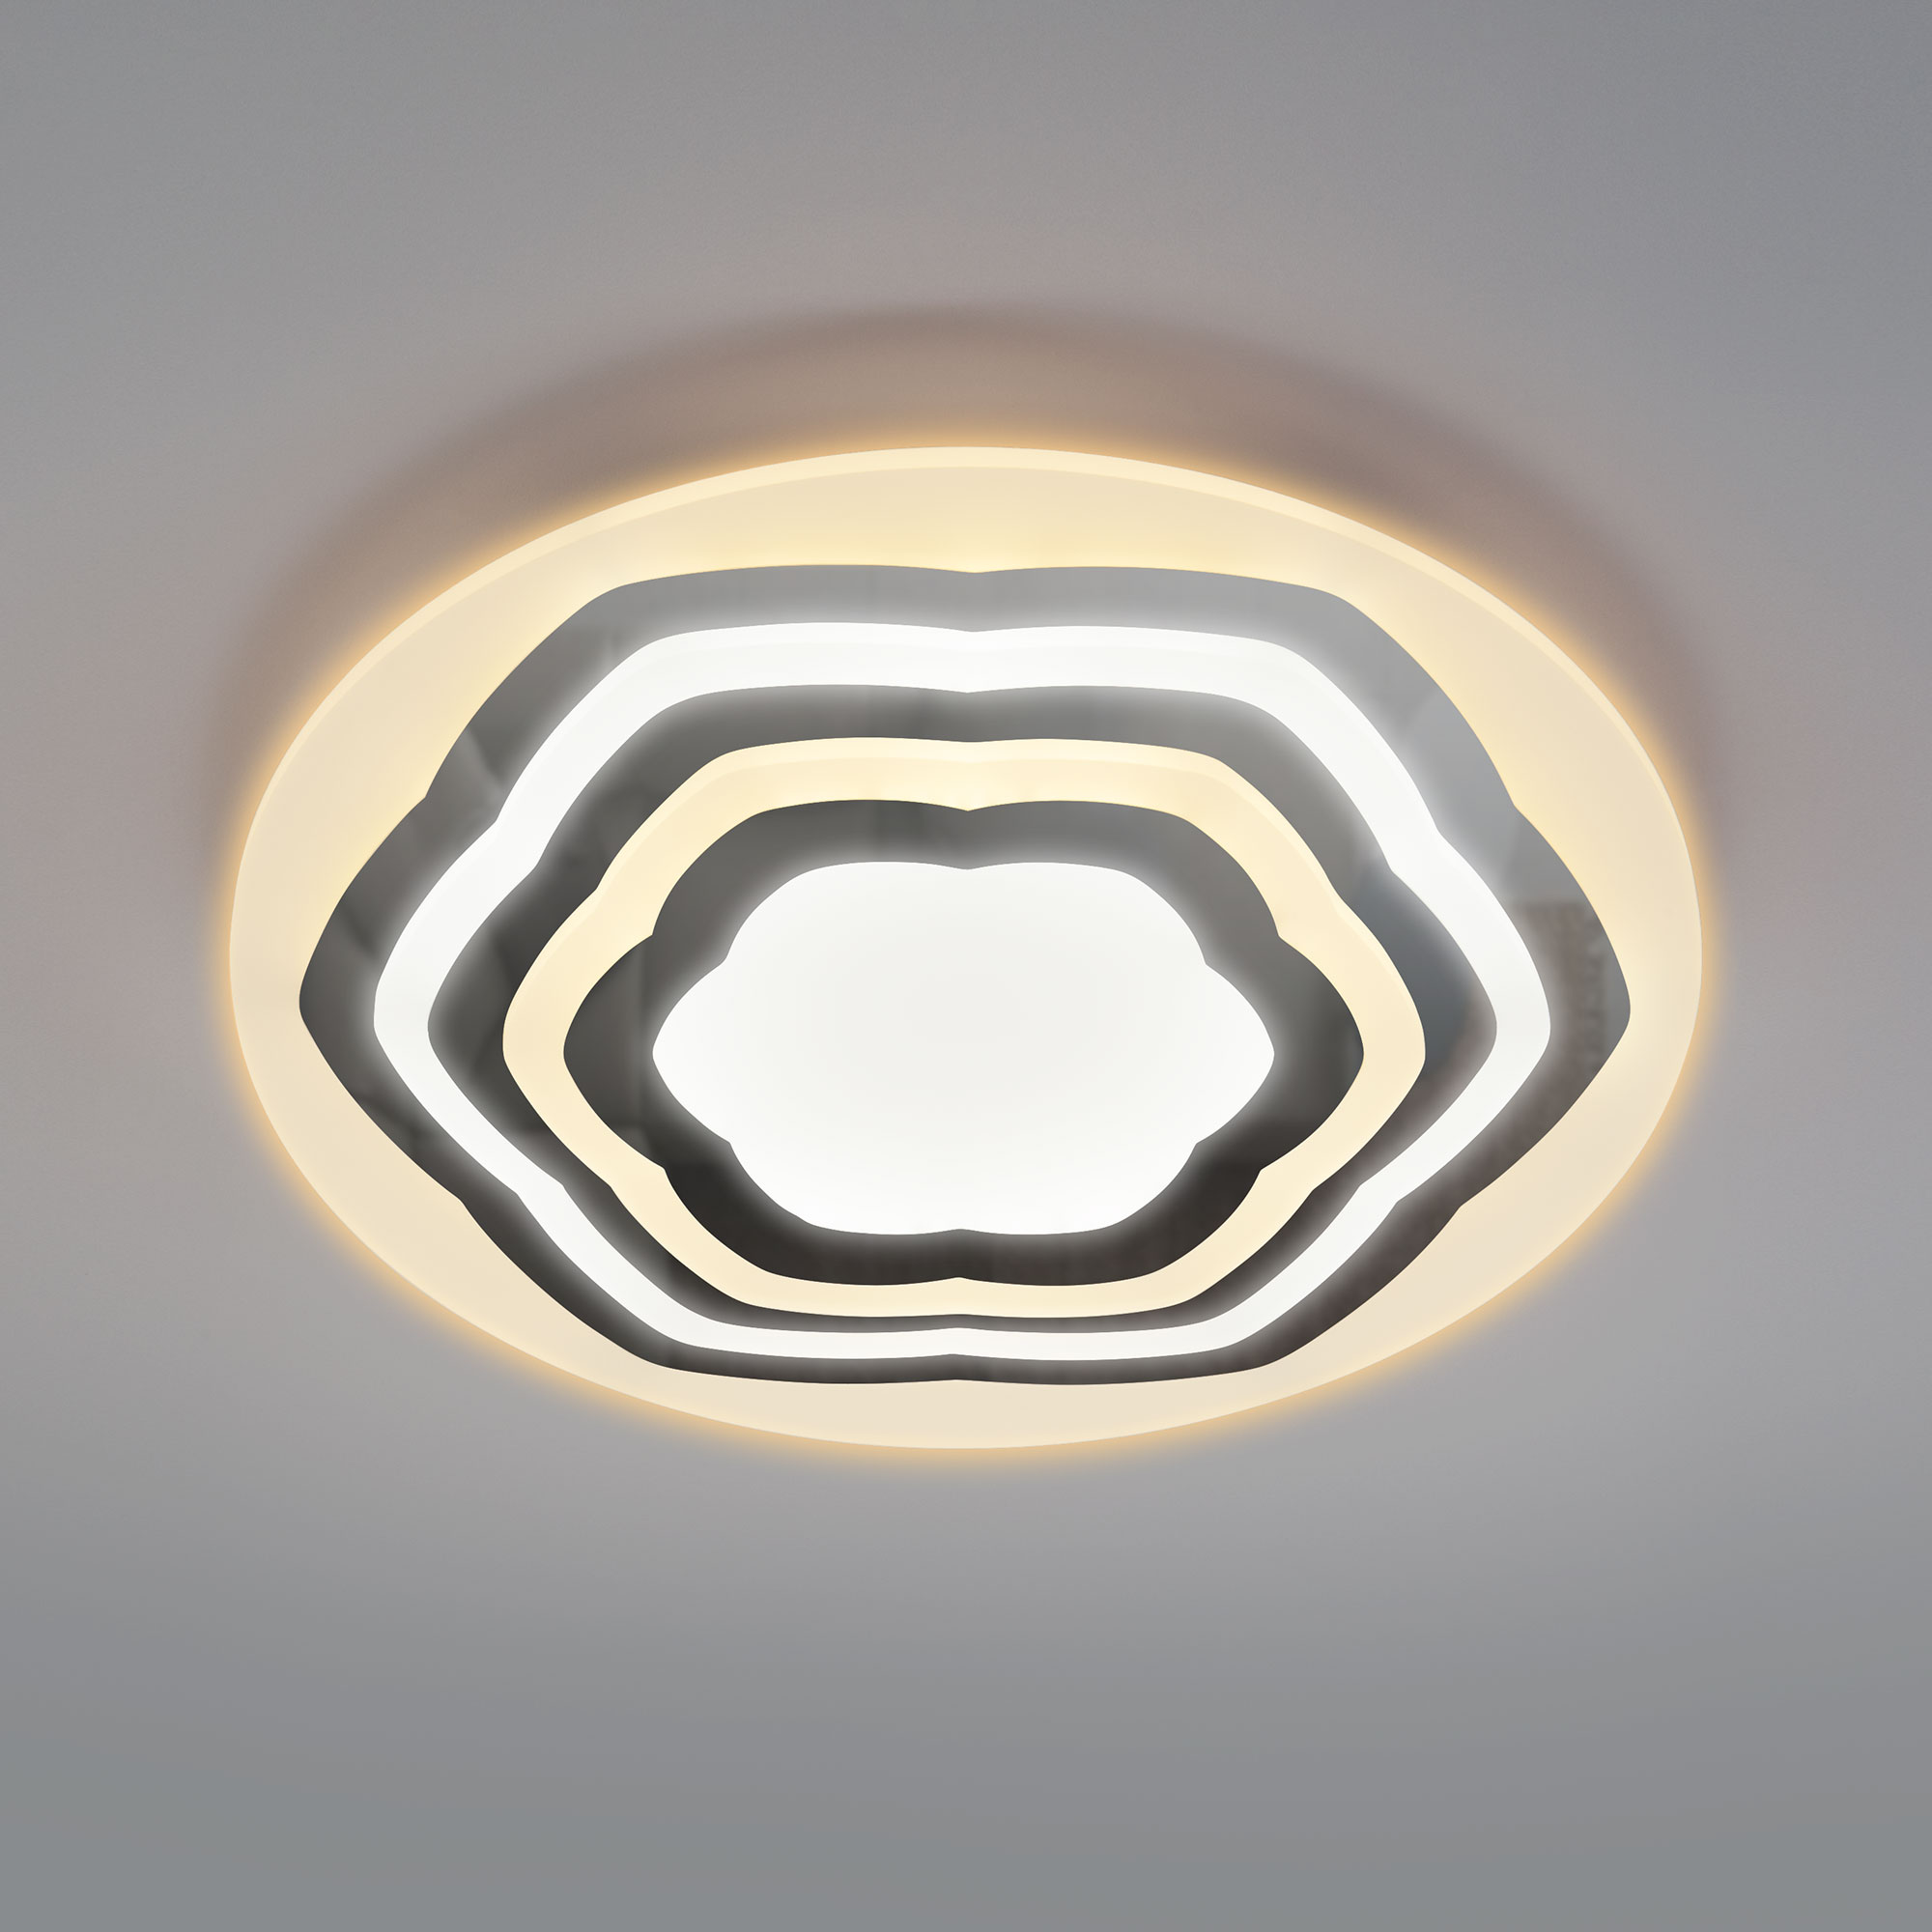 Светодиодный потолочный светильник с пультом управления 90117/4 хром